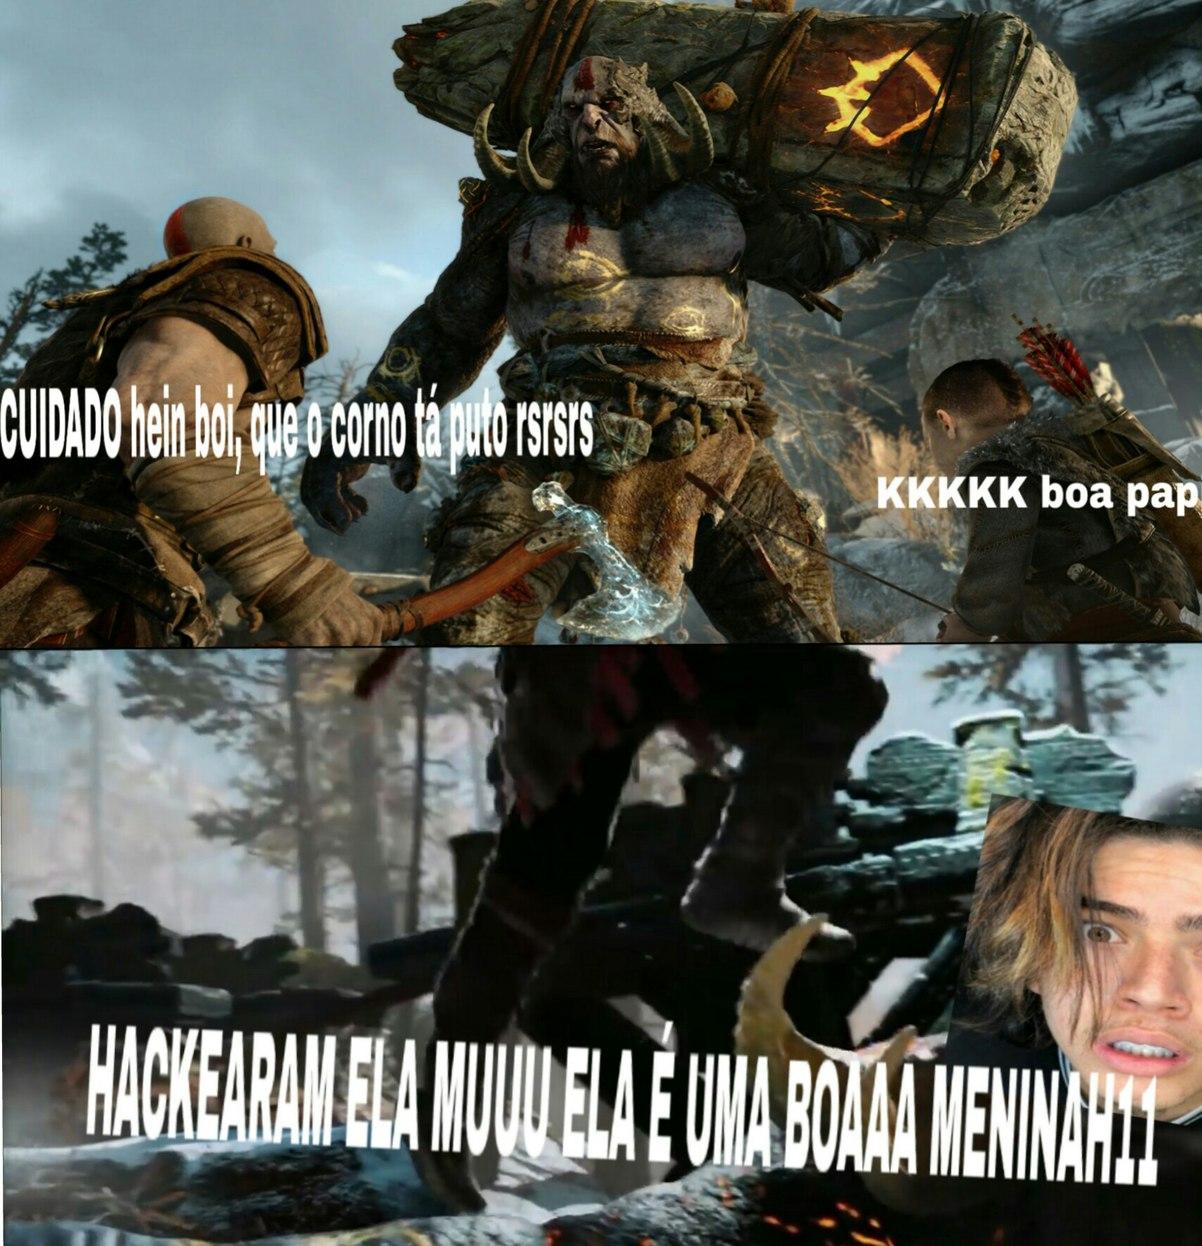 DEMASIADO BOVINO KKKK - meme